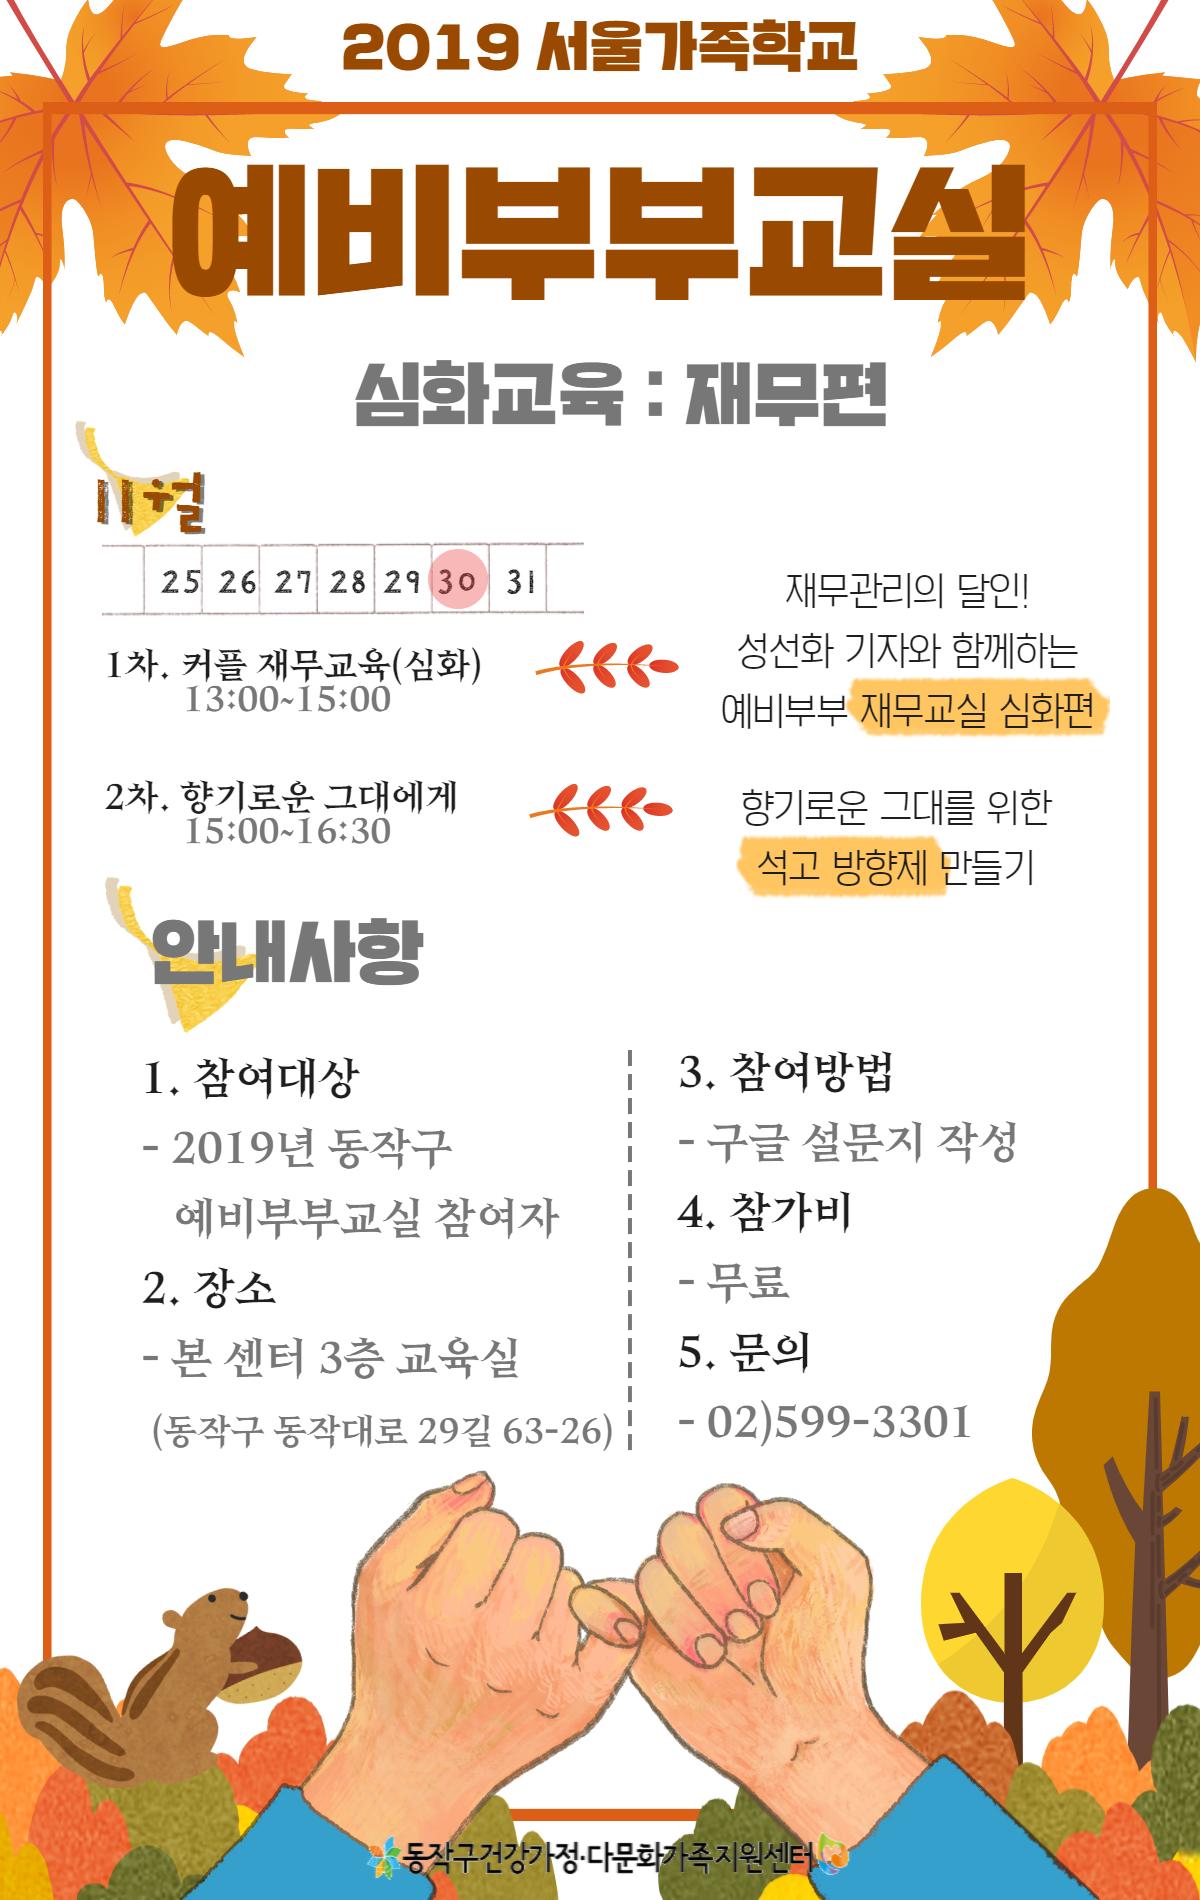 [동작구]에비부부교실_심화_재무.png